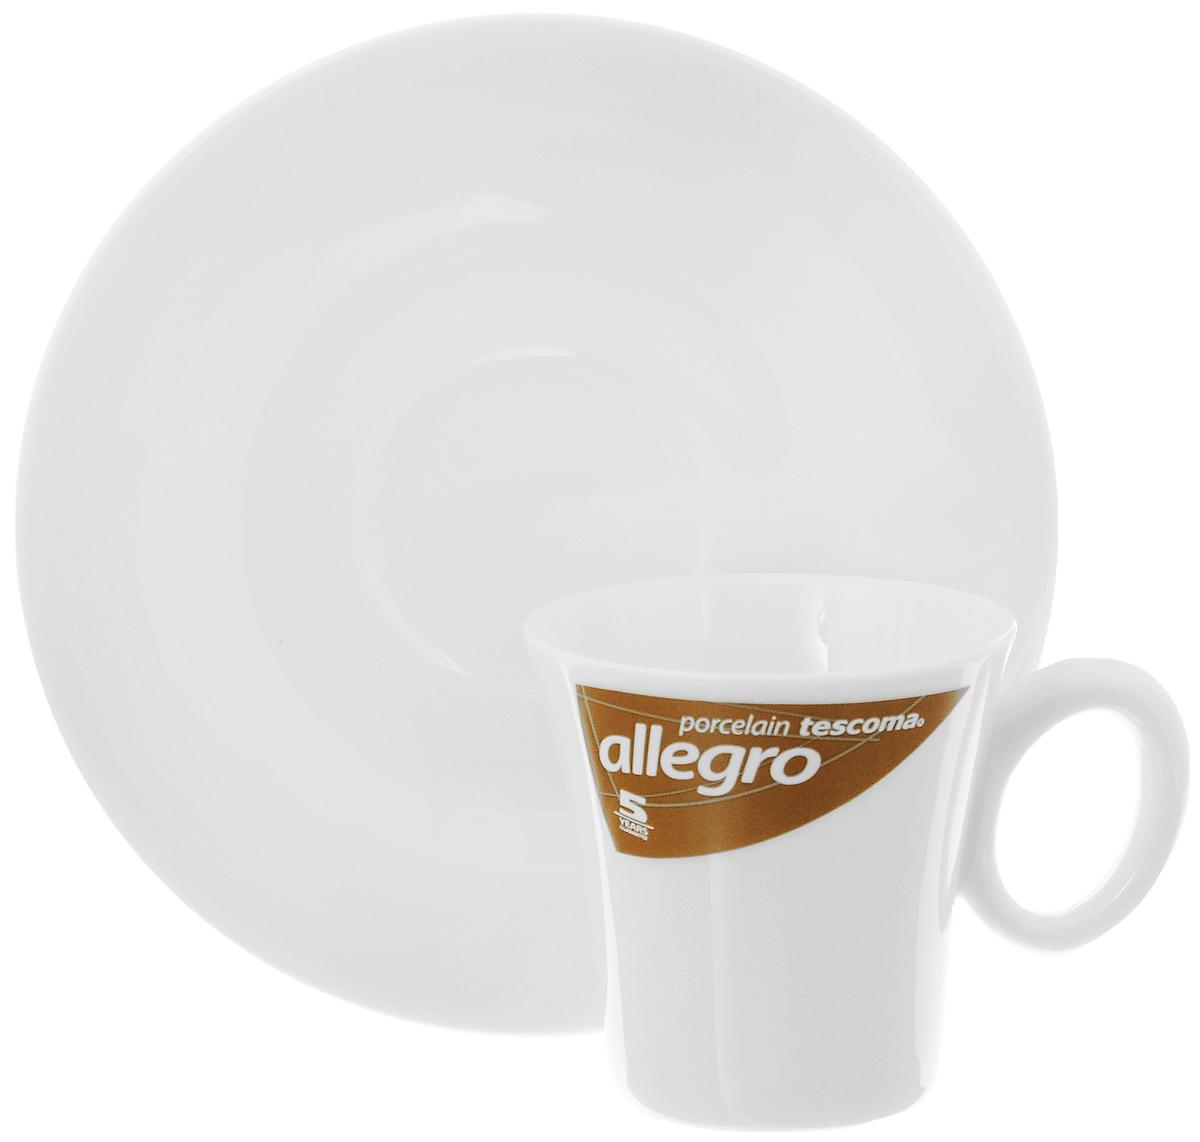 Кофейная пара Tescoma Allegro, цвет: белый, 2 предмета387520Кофейная пара Tescoma Allegro состоит из чашки и блюдца, изготовленных из высококачественного фарфора. Элегантный дизайн, несомненно, придется вам по вкусу. Кофейная пара Tescoma Allegro украсит ваш кухонный стол, а также станет замечательным подарком к любому празднику. Можно использовать в микроволновой печи, холодильнике и посудомоечной машине. Объем чашки: 80 мл. Диаметр чашки (по верхнему краю): 6 см. Диаметр основания чашки: 4 см. Высота чашки: 6 см. Диаметр блюдца: 13 см.